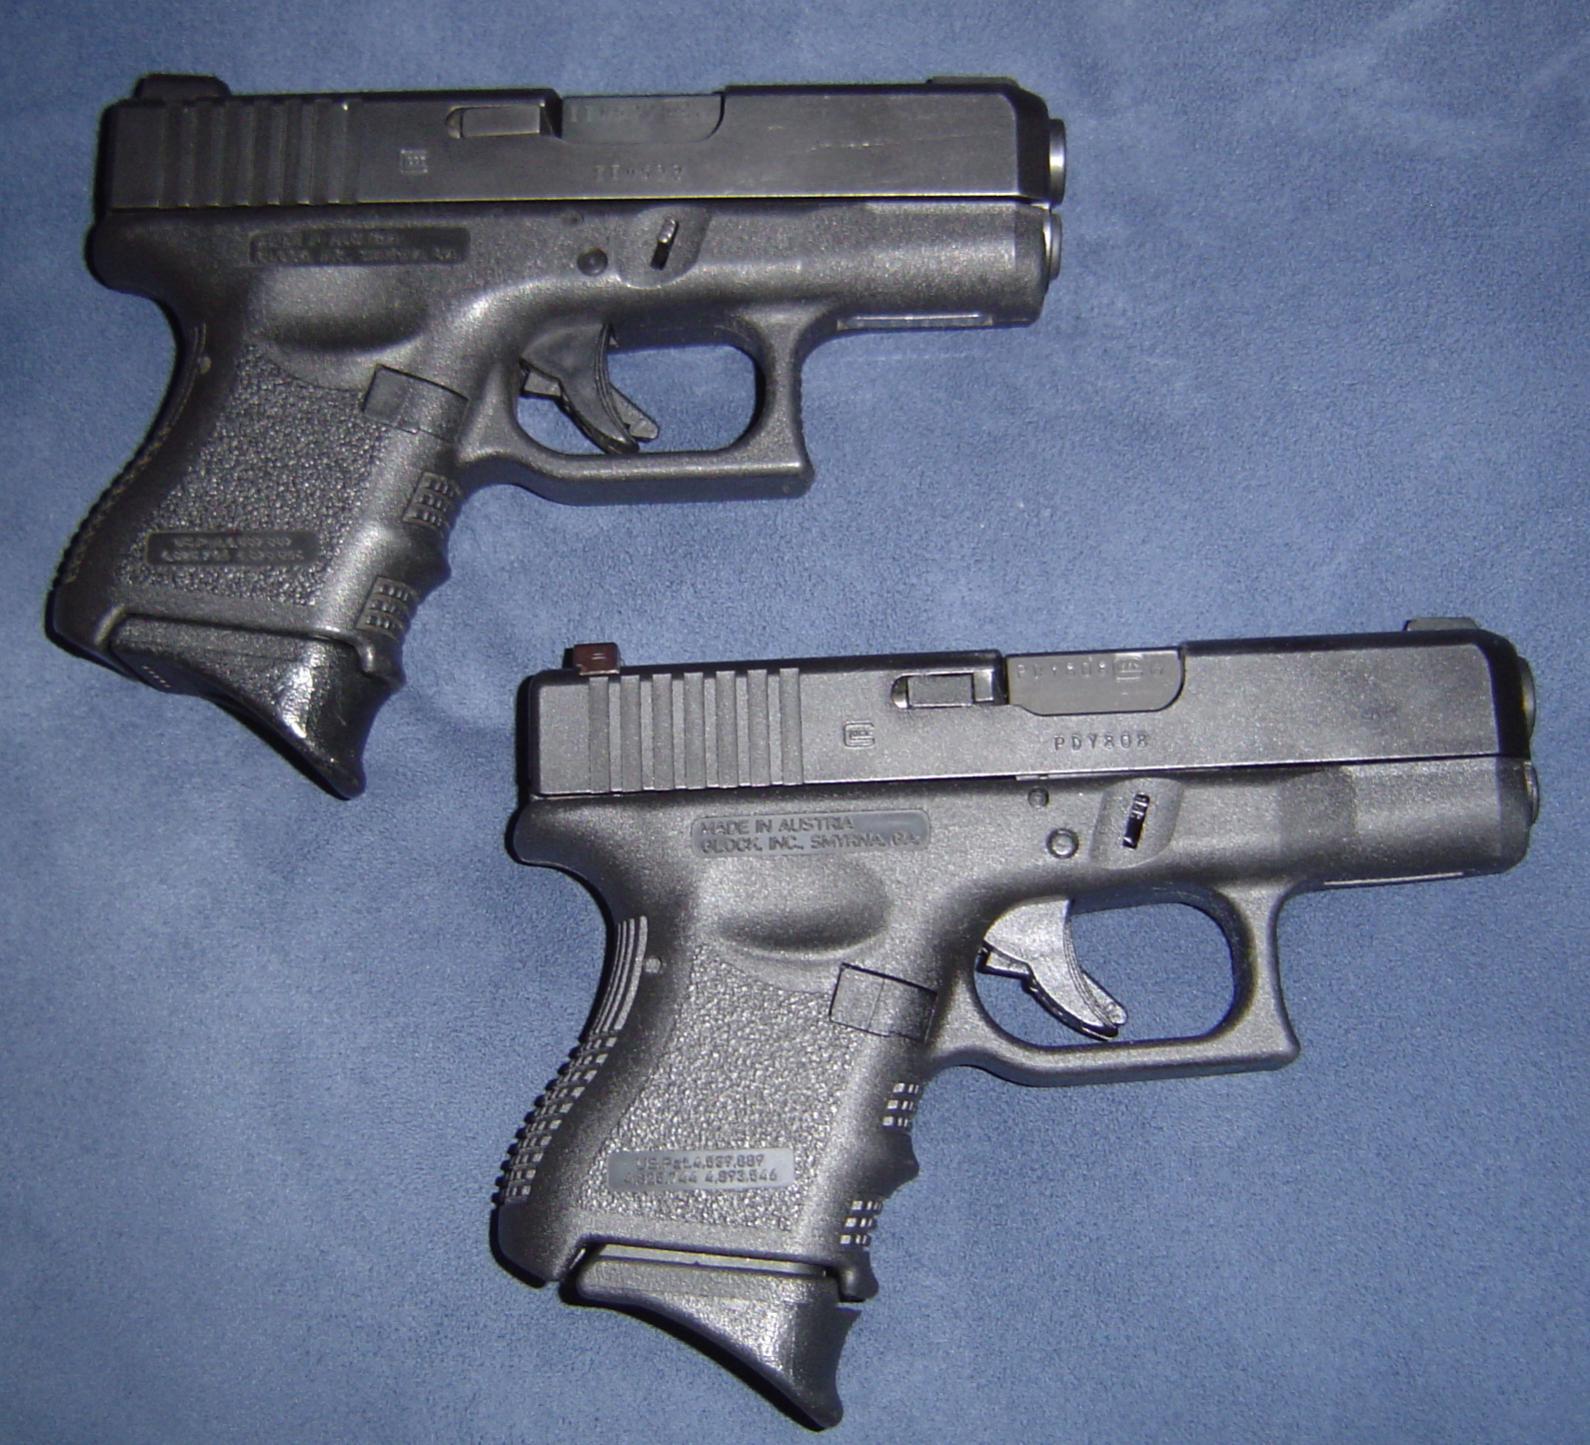 The twins-dsc00378.jpg